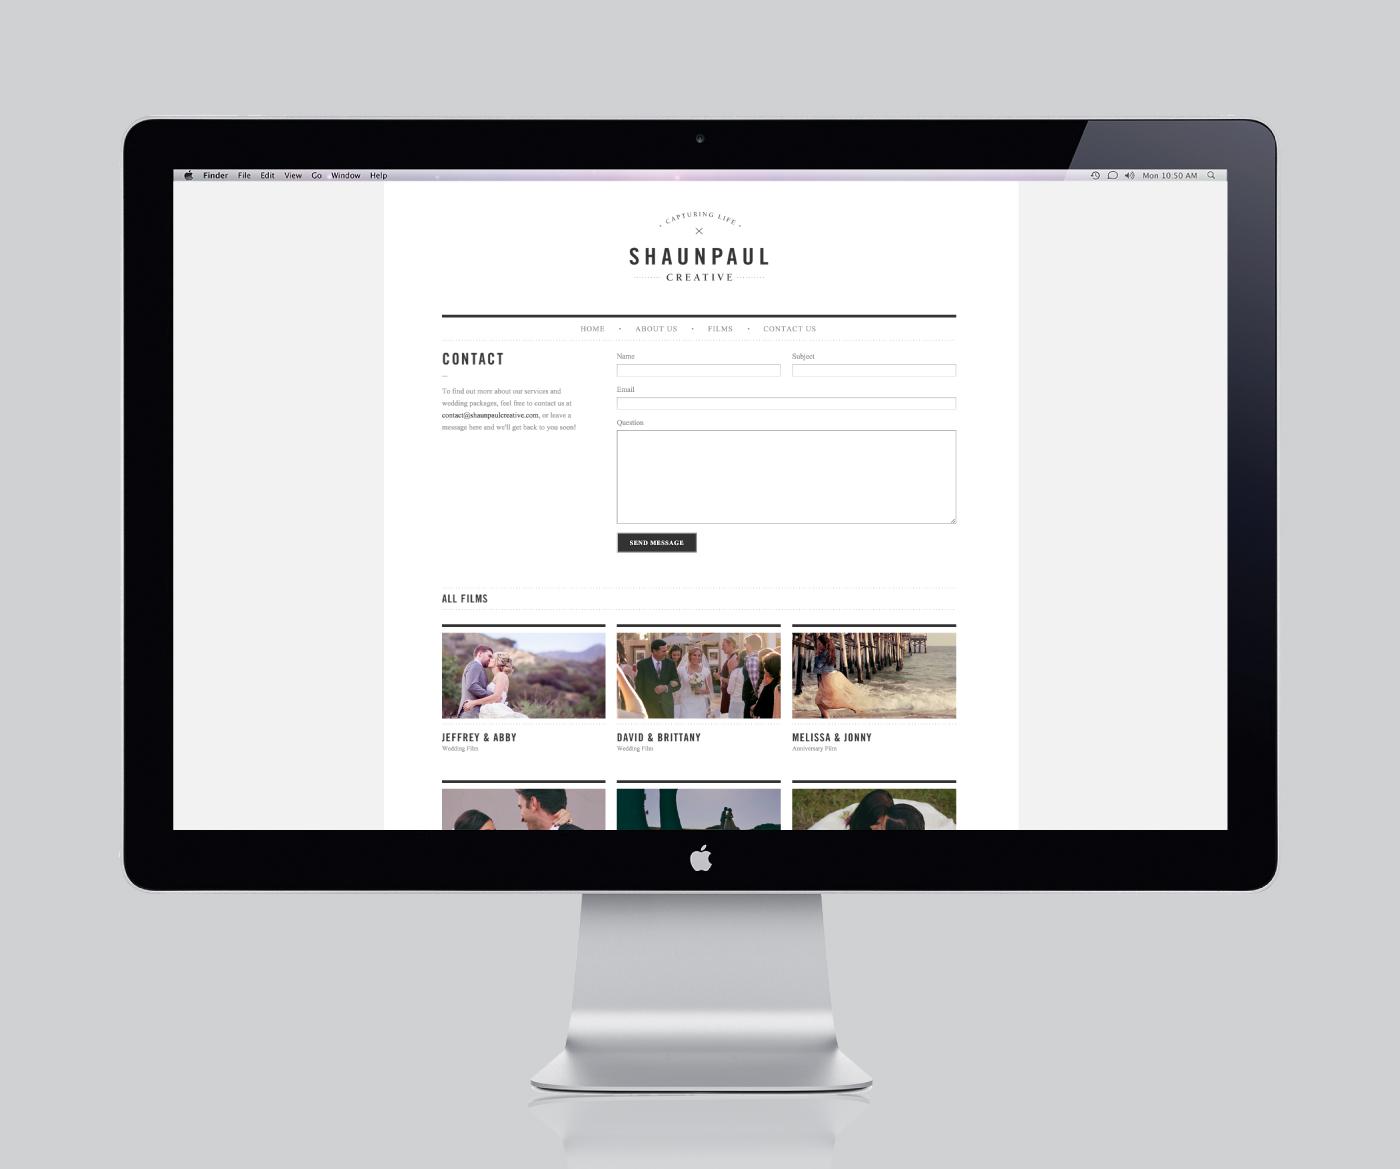 shaunpaul-website-contactpage.jpg